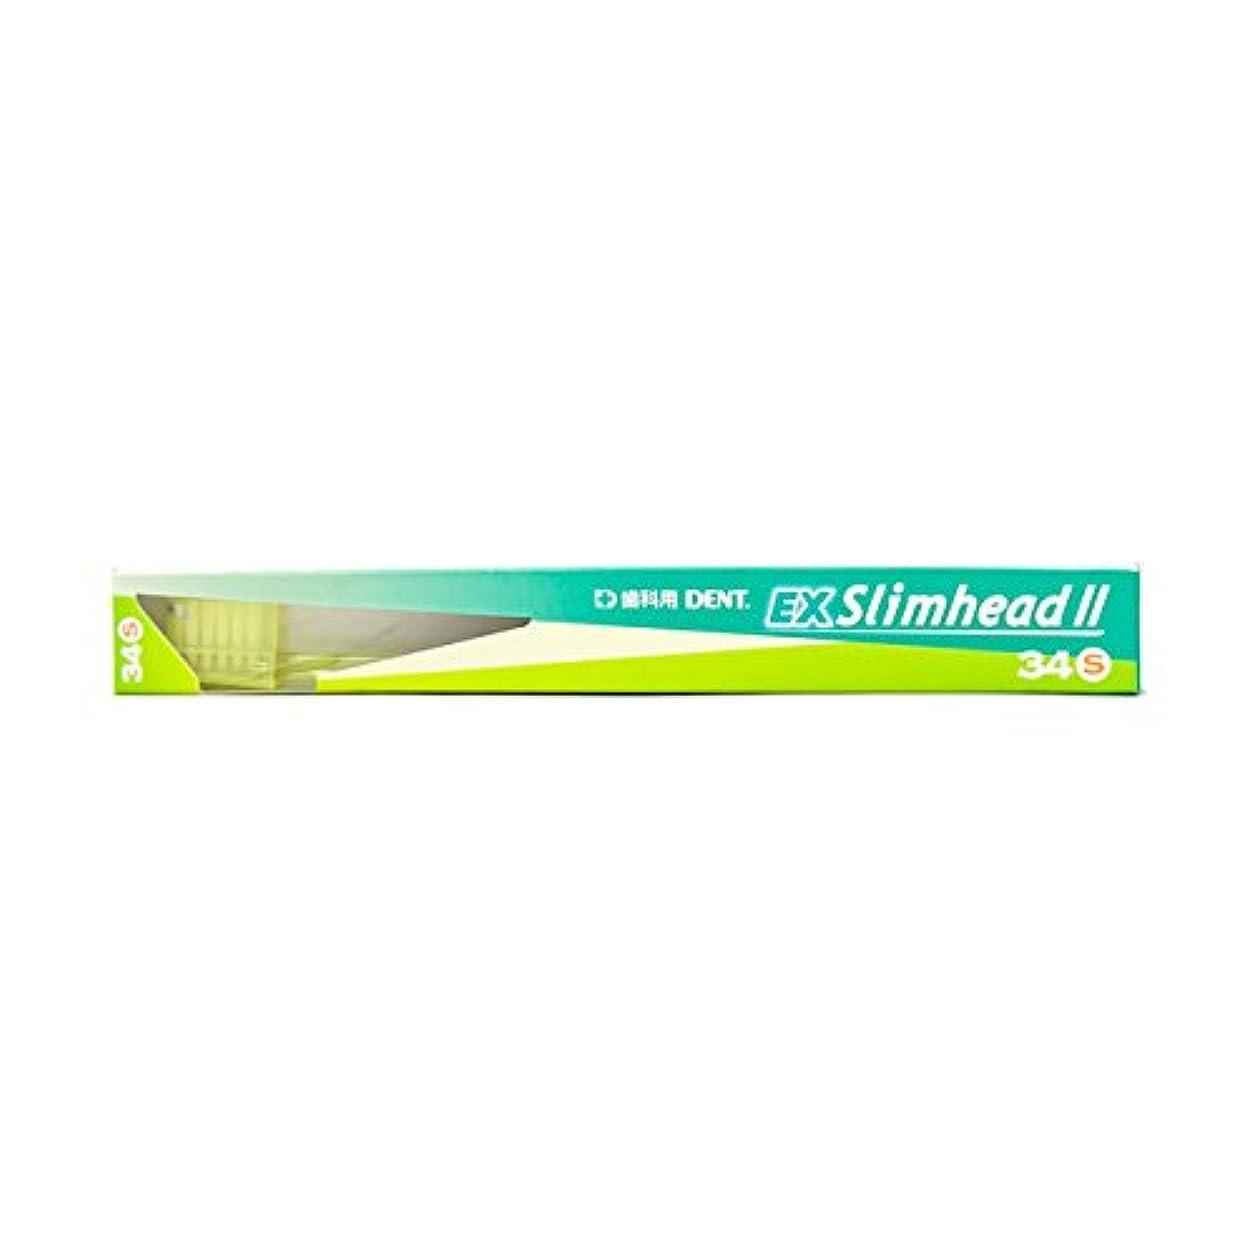 自動つなぐ絡まるライオン歯科材 デント EX スリムヘッド II 34 ソフト 1本入 4903301336044